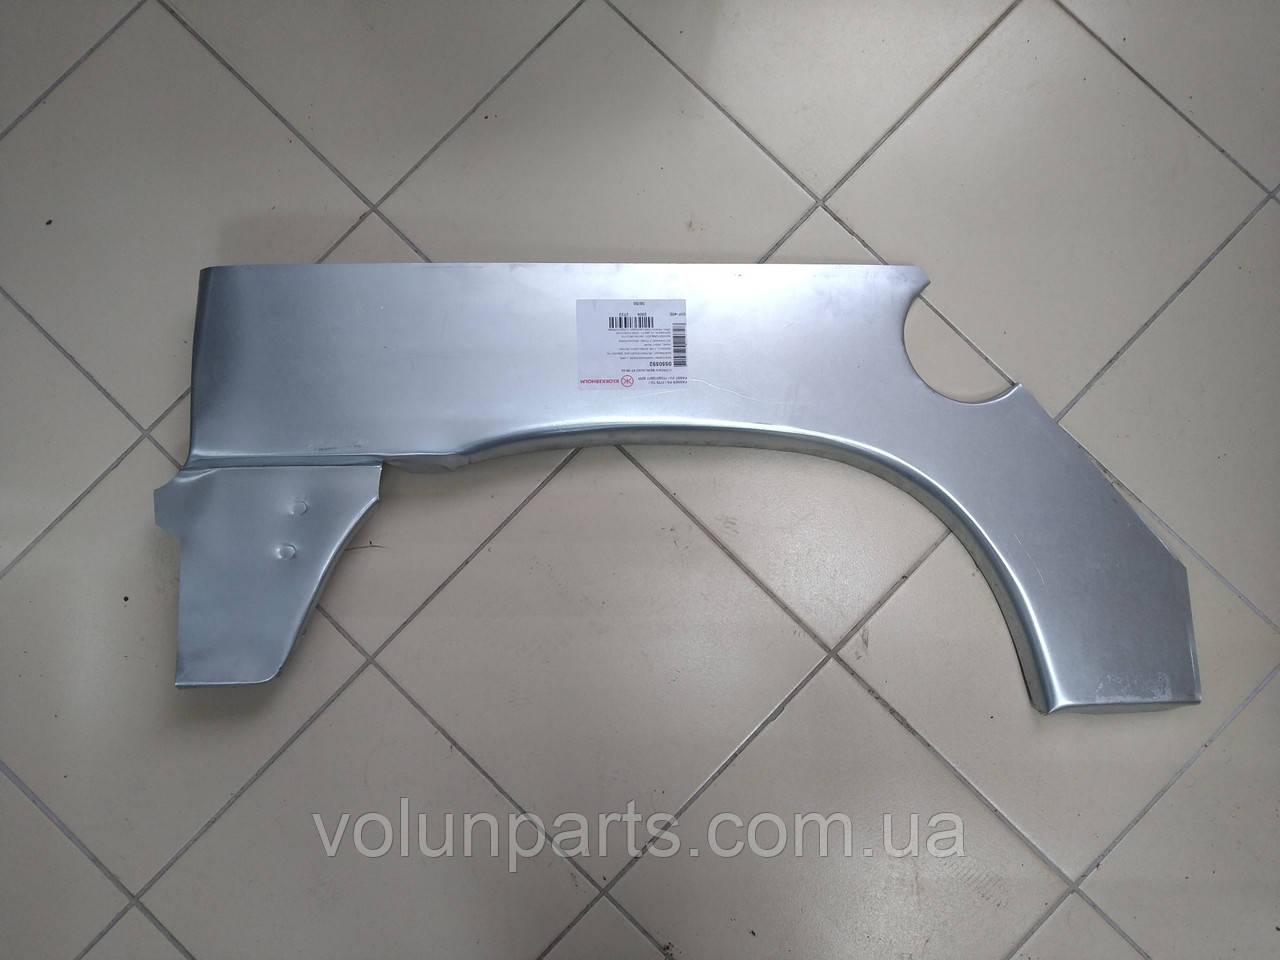 Ремкомплект крила заднього правого Citroen berlingo / Peugeot Partner 96-2002р. (KLOKKERHOLM 0550592)